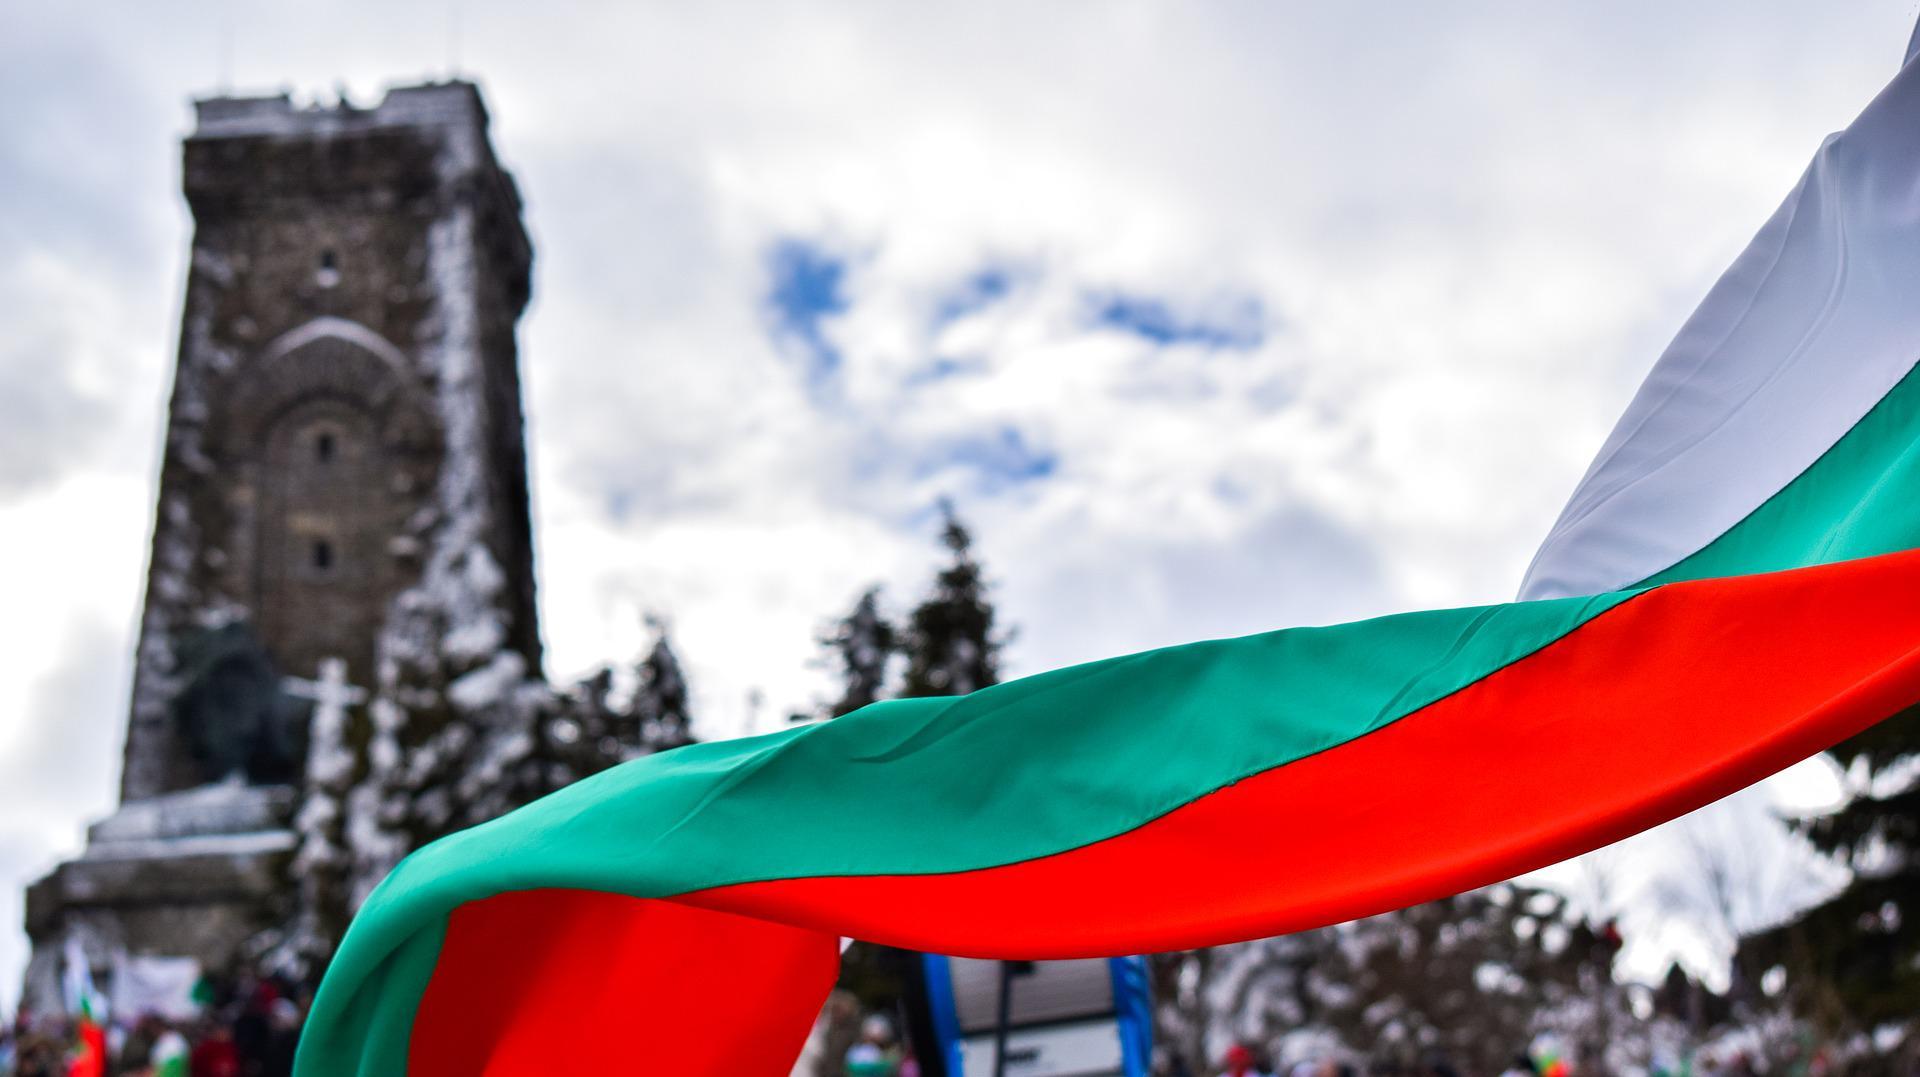 Болгария не хочет закрывать свою программу инвестиционного гражданства